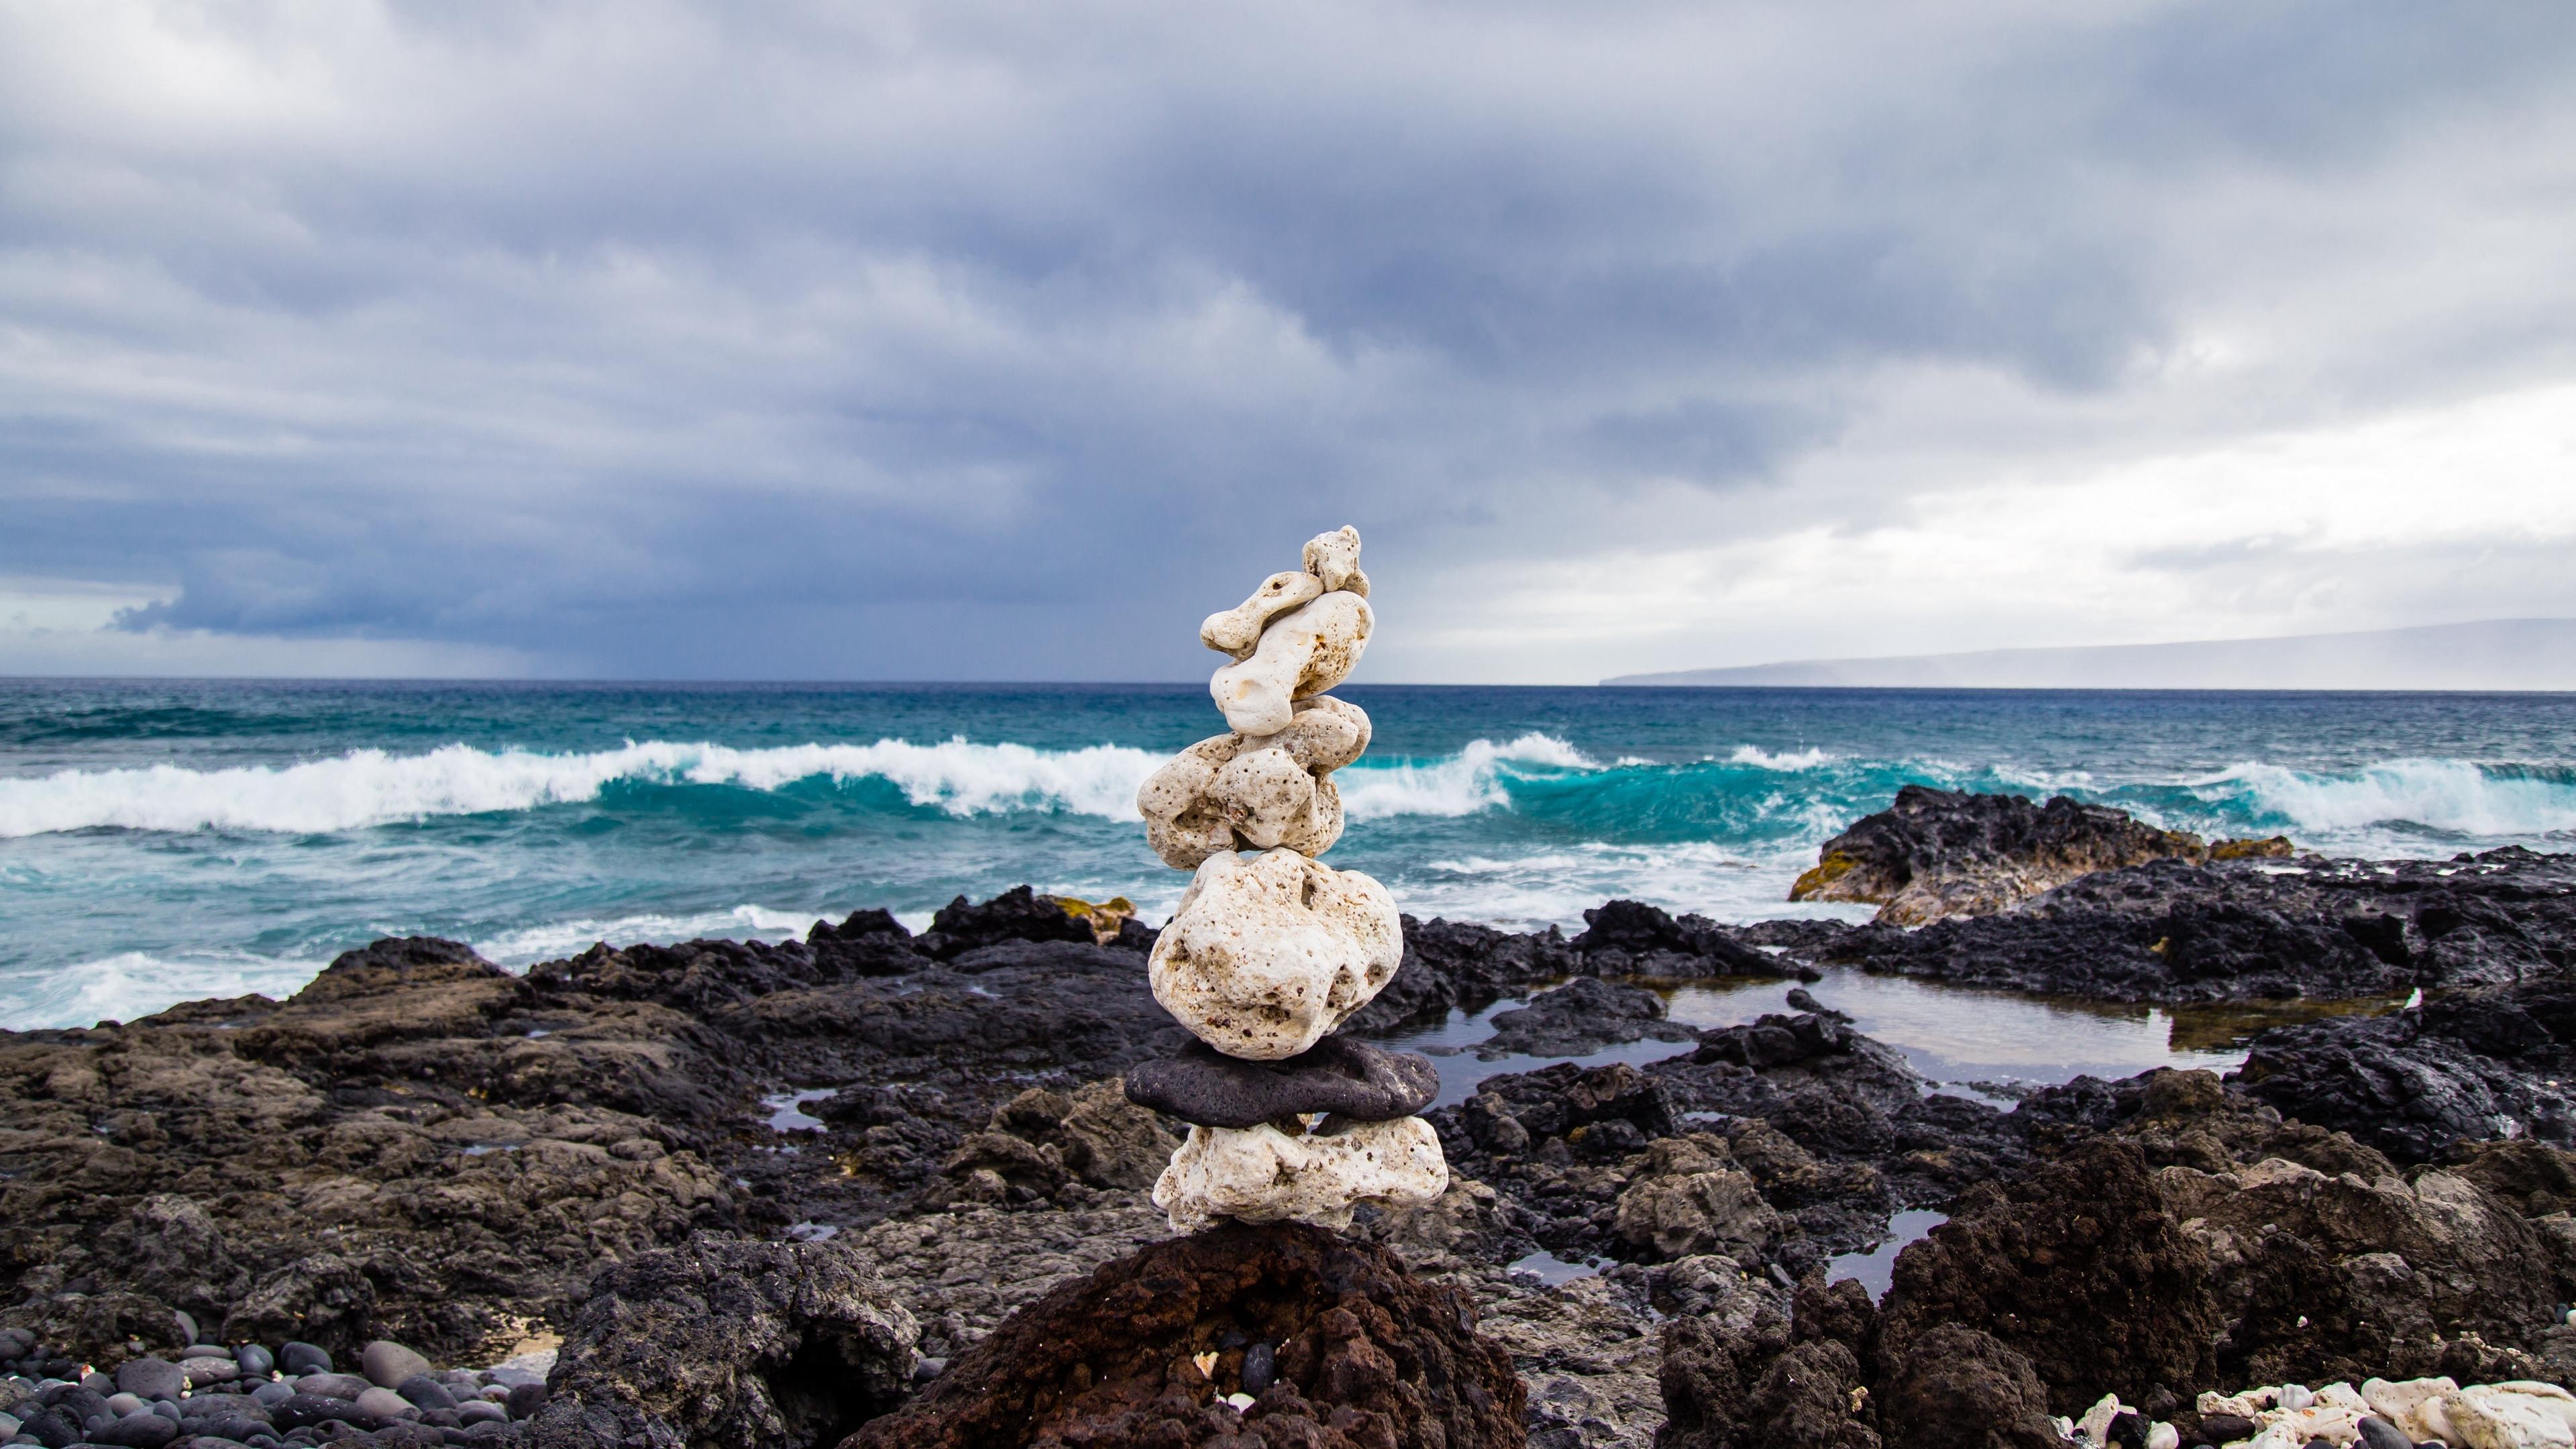 sea beach stones 4k 1541117349 - sea, beach, stones 4k - Stones, Sea, Beach